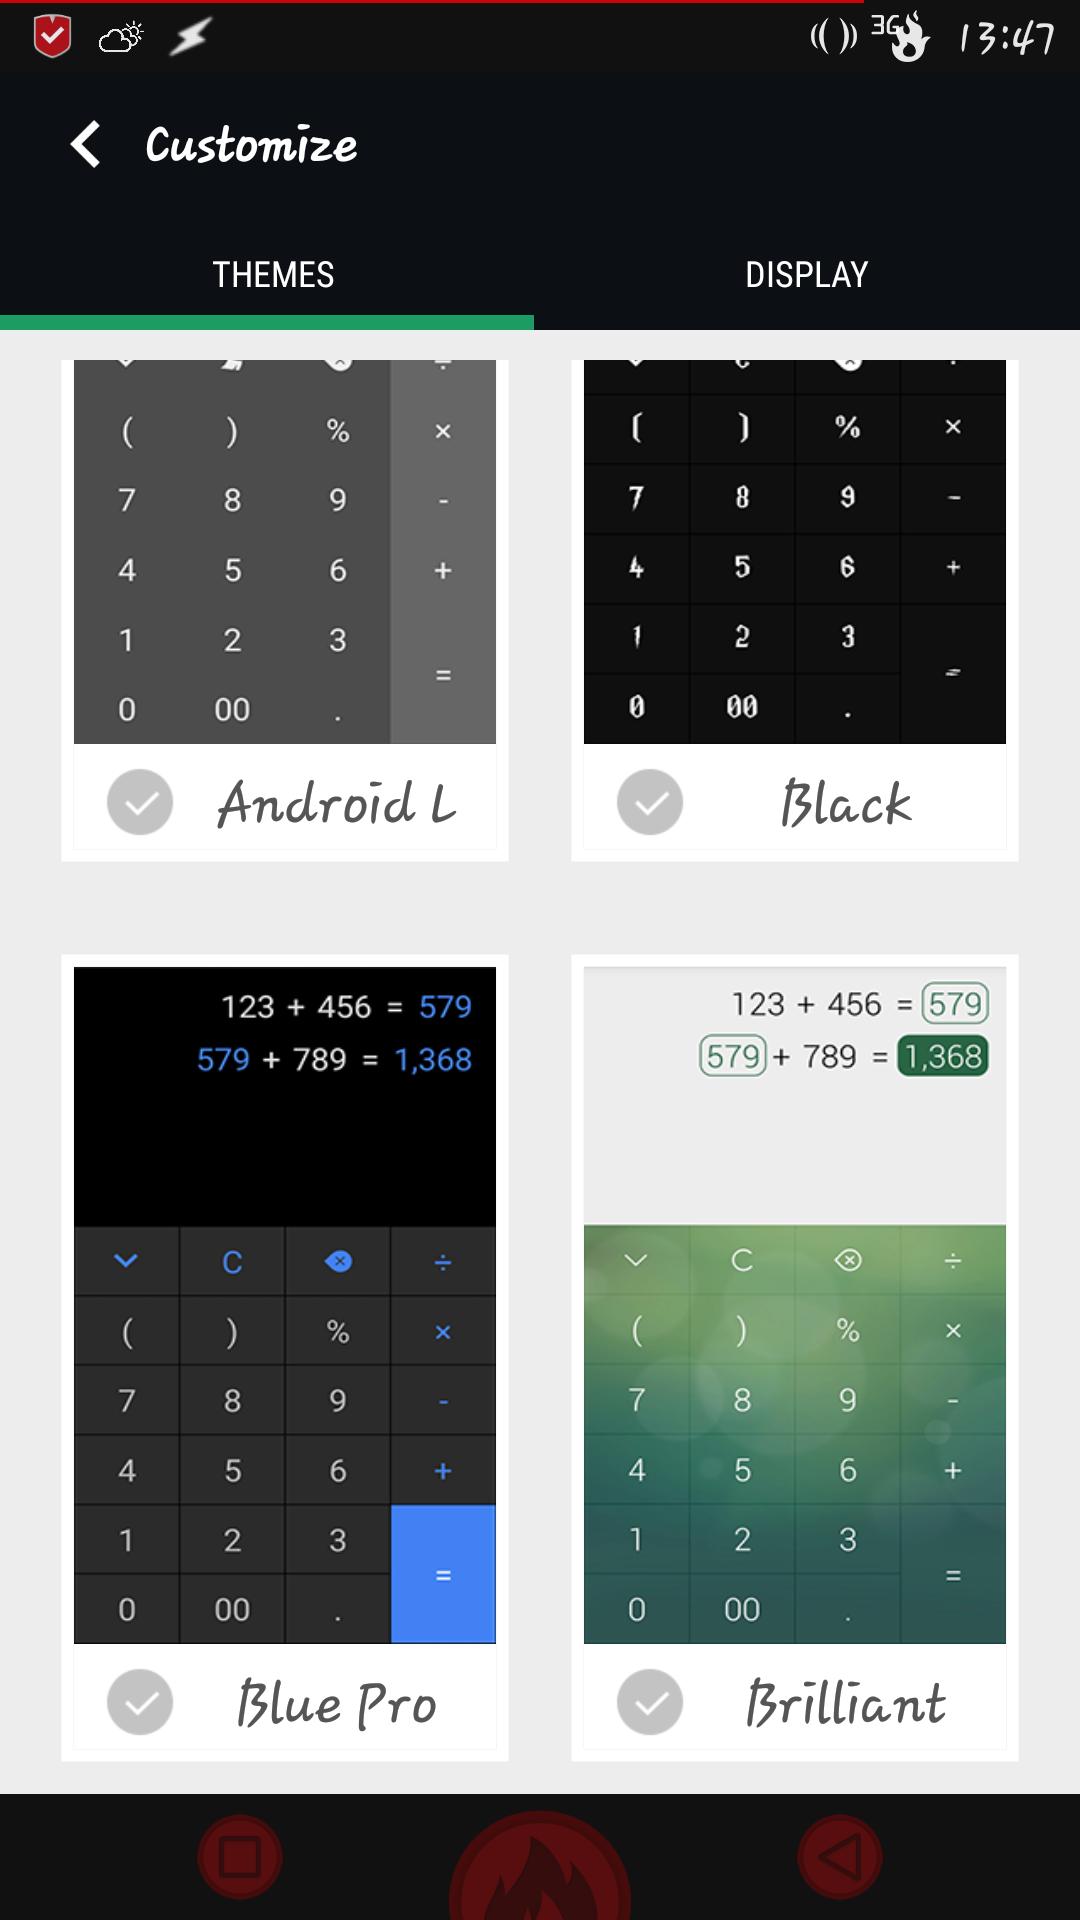 [APPLICATION ANDROID - CALC+] Une calculatrice différente avec plus de 15 thèmes [Gratuit] 144342351761144